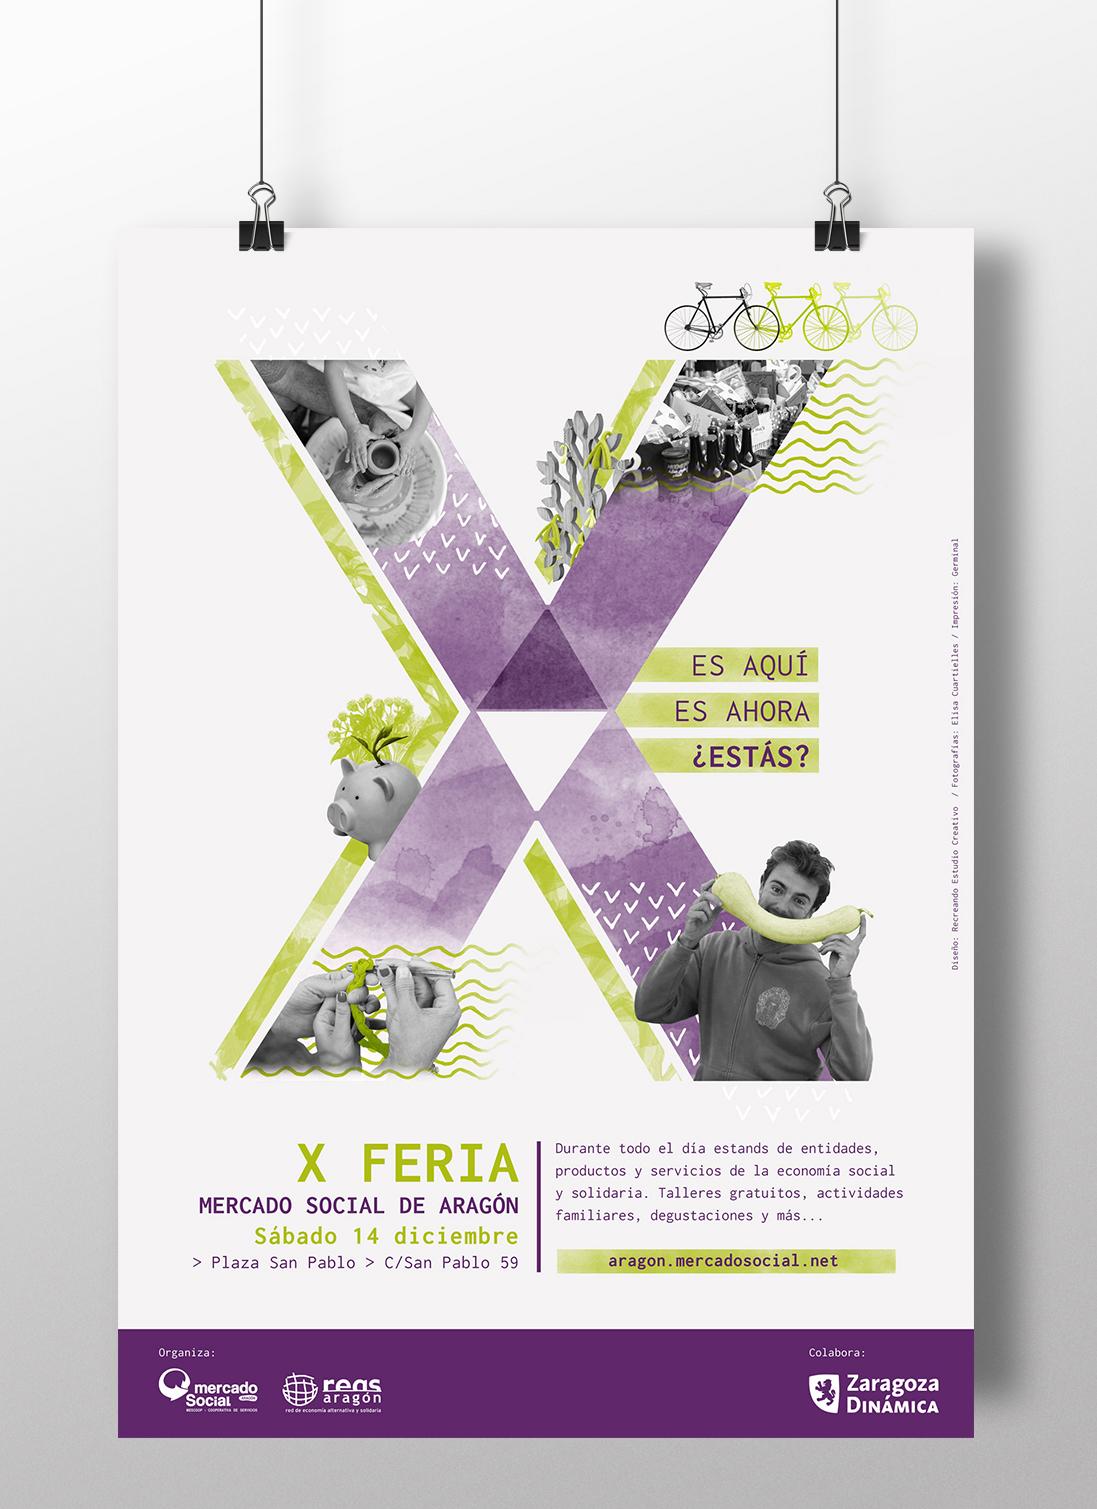 Diseño gráfico por Recreando Estudio Creativo